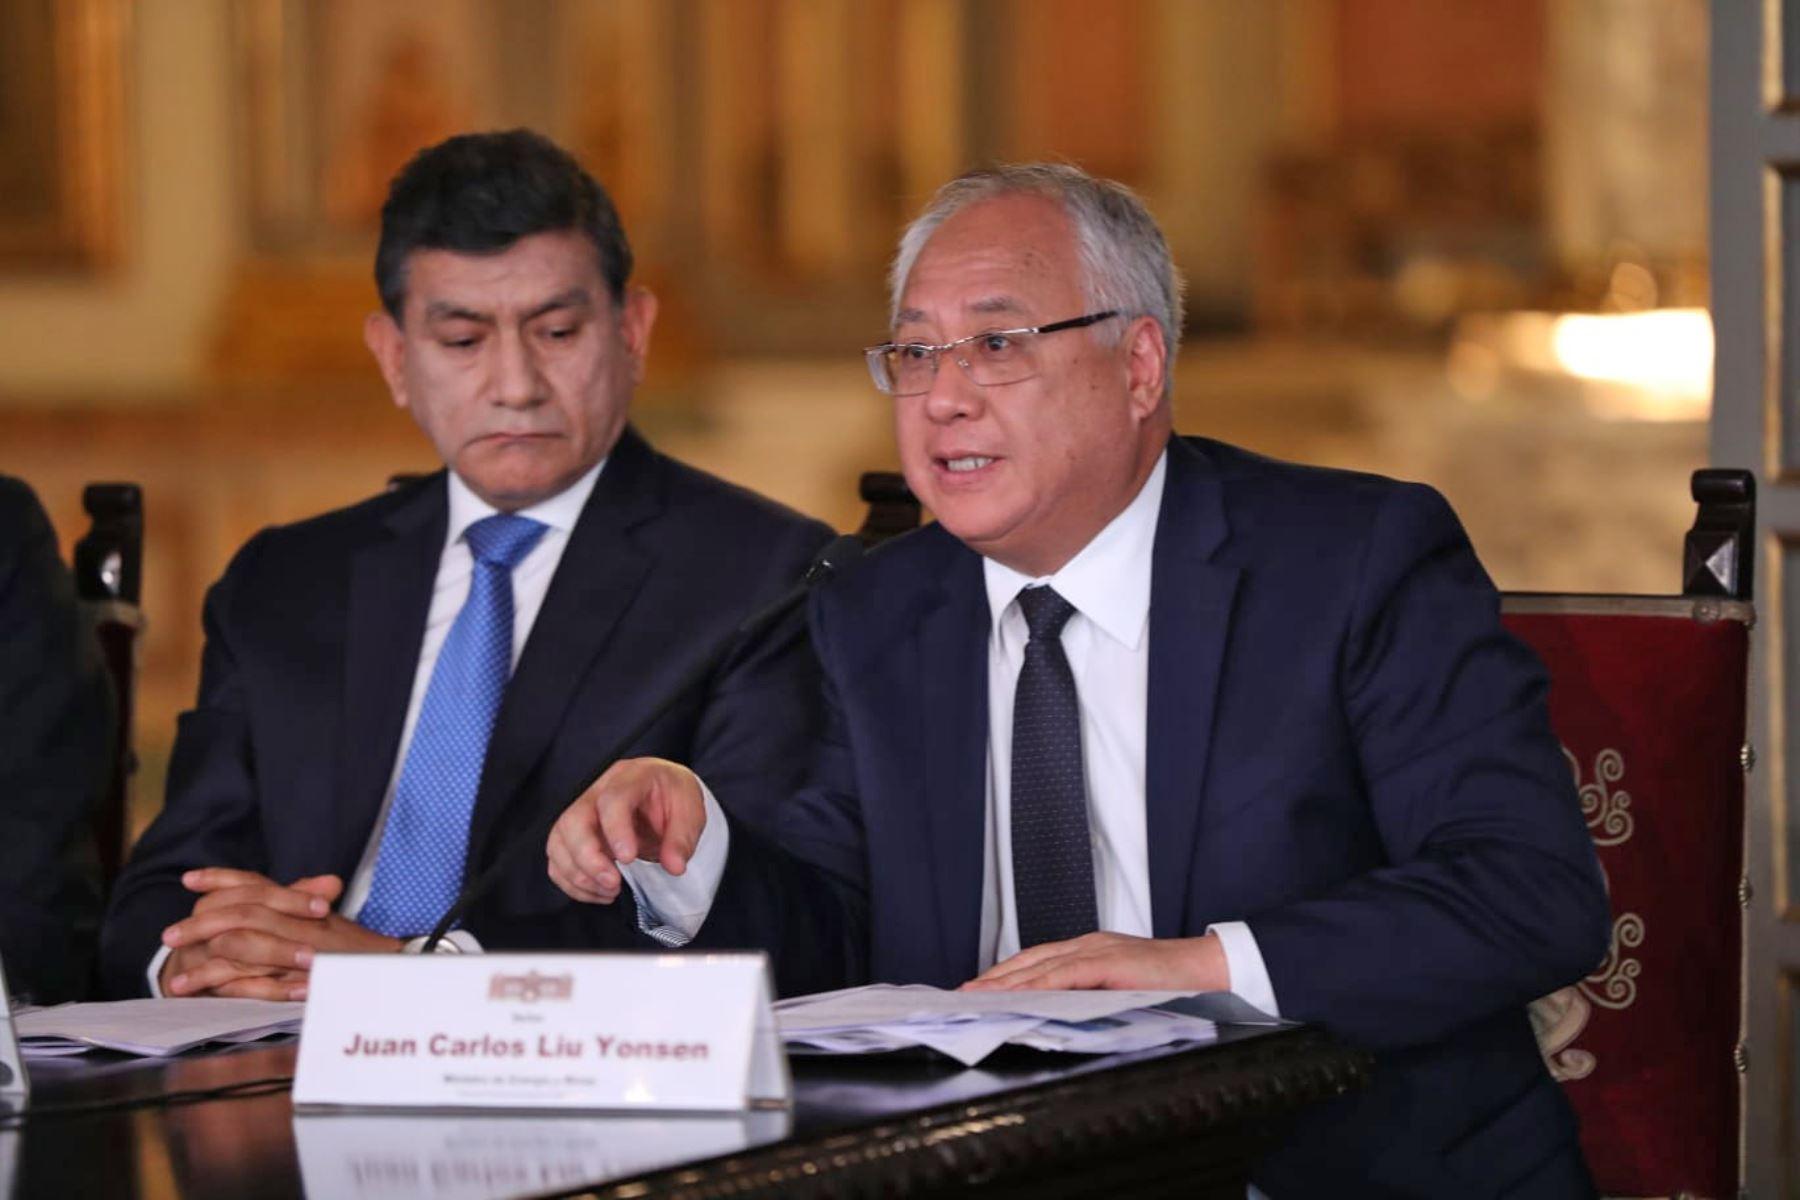 El Ministro de Energía y Minas Juan Carlos Liu Yonsen, durante la presentación del Presupuesto del Sector Público para el Año Fiscal 2020. Foto: ANDINA/ Difusión